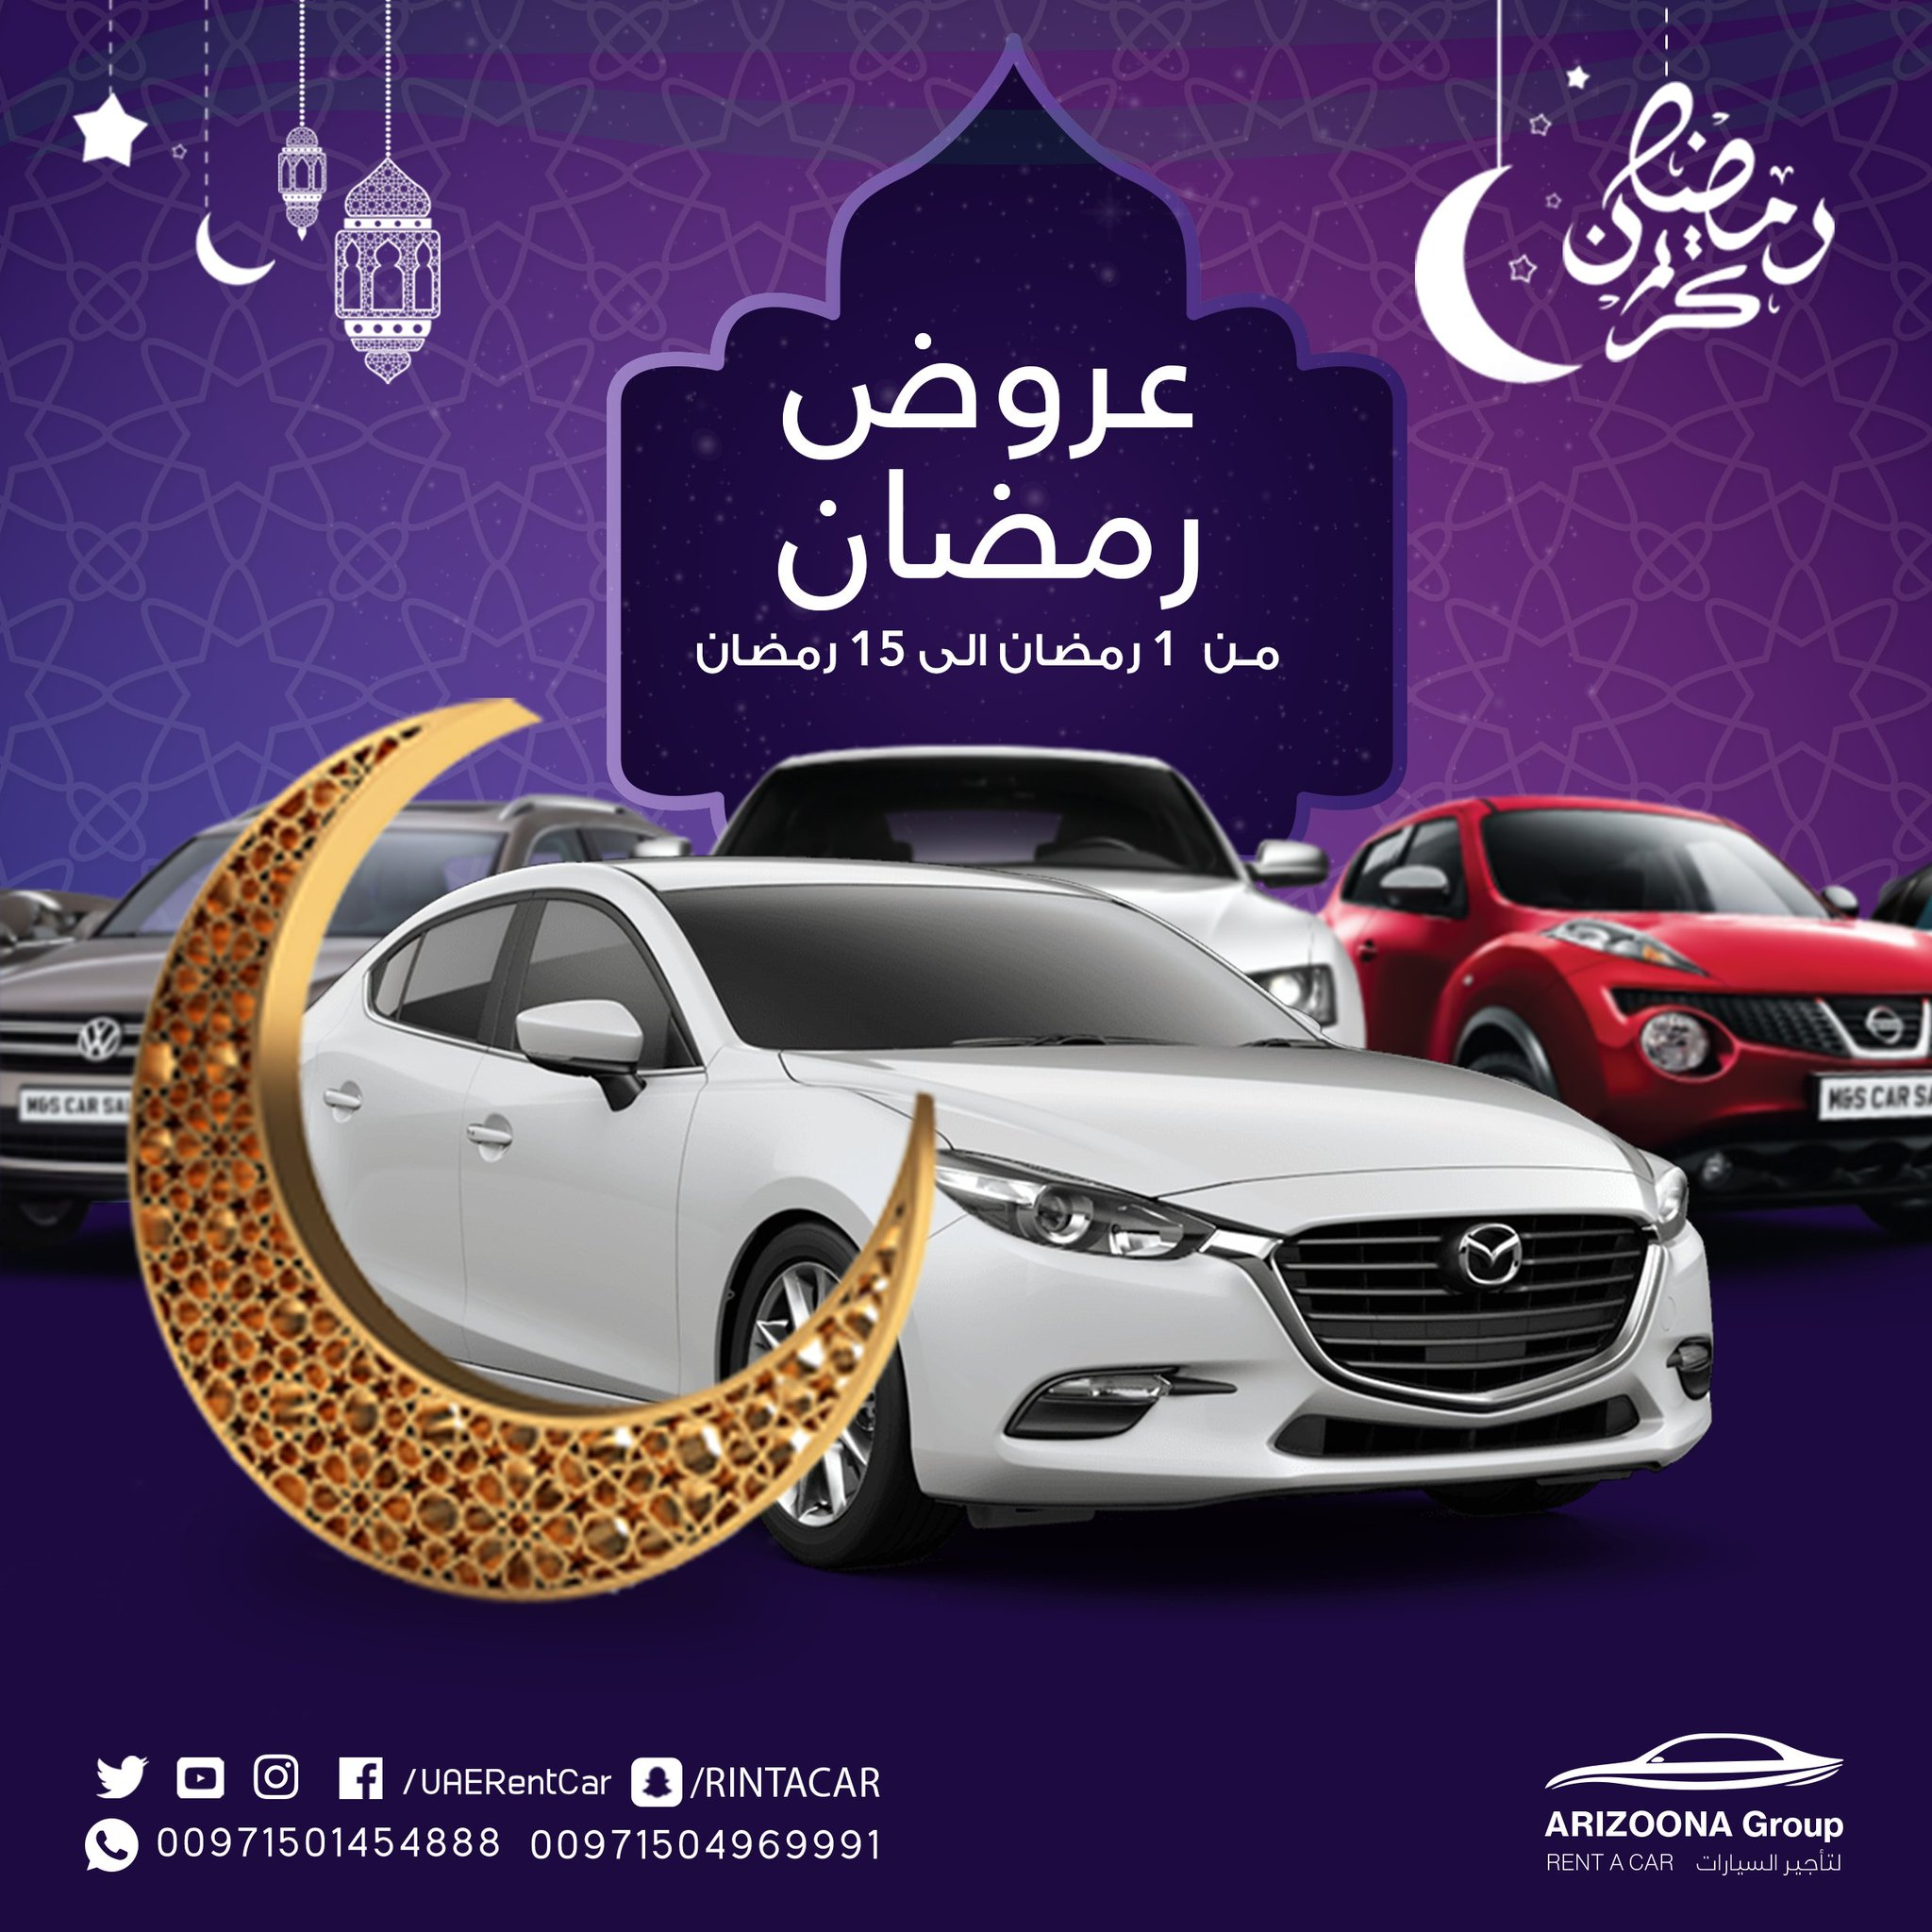 أريزونا لتأجير السيارات V Twitter رمضان مع اريزونا عروض